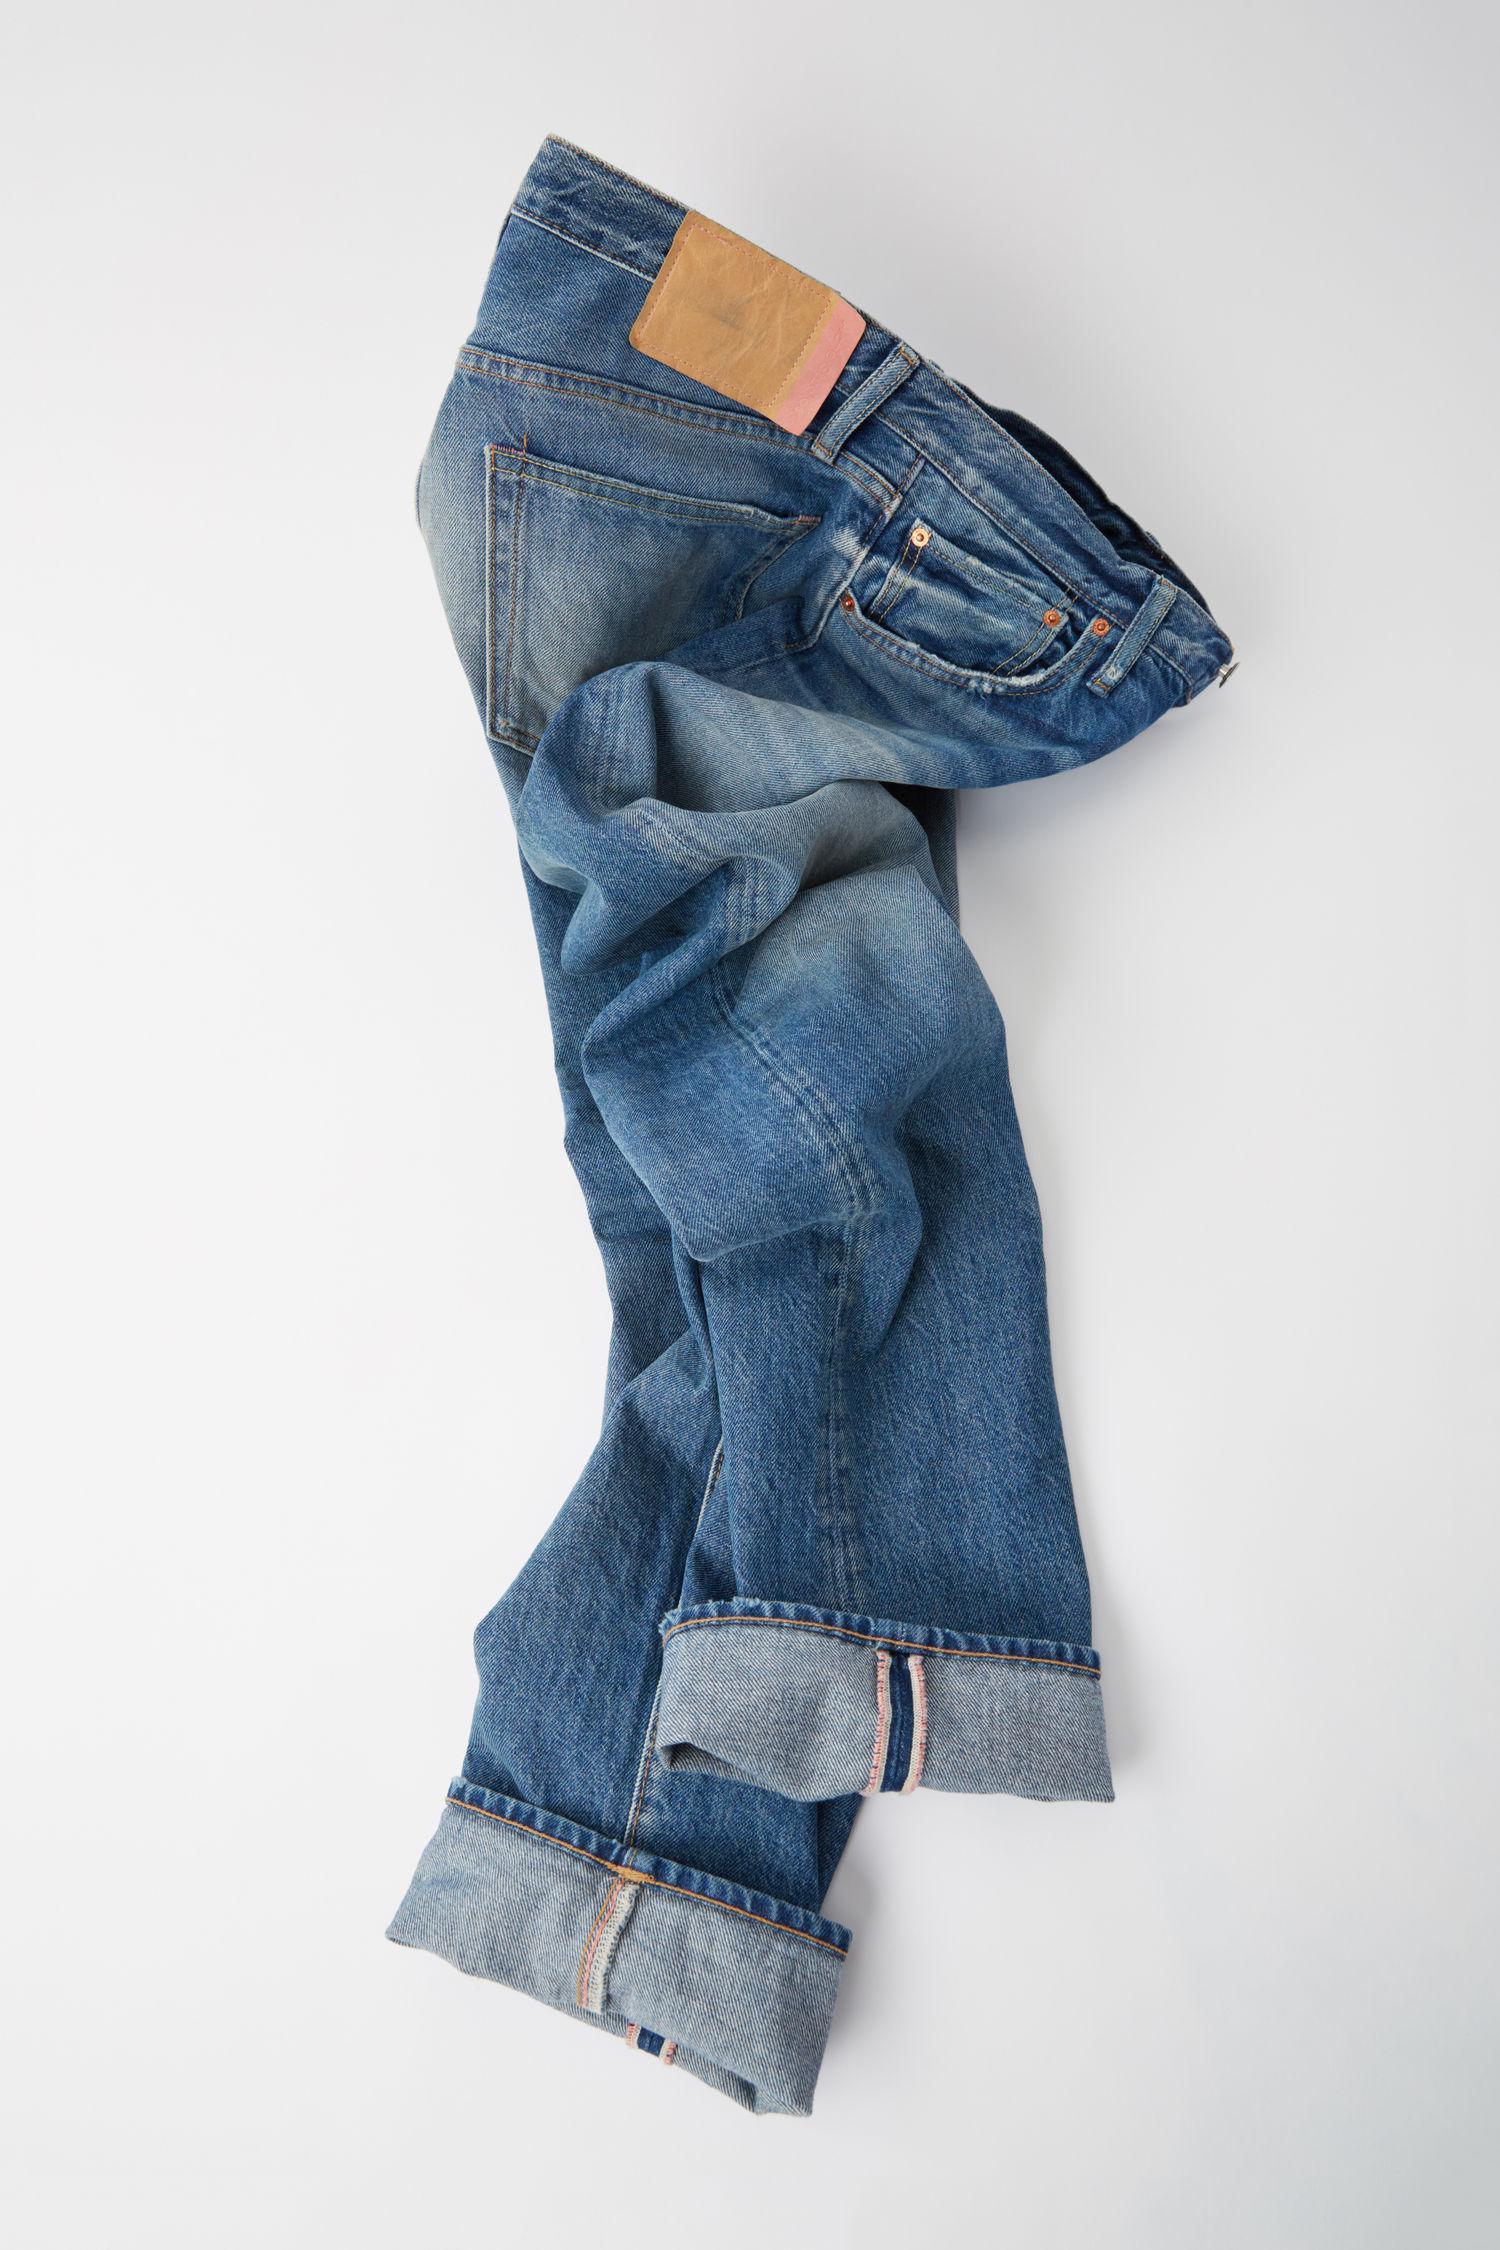 Acne Studios Denim Classic Fit Jeans mid Blue for Men